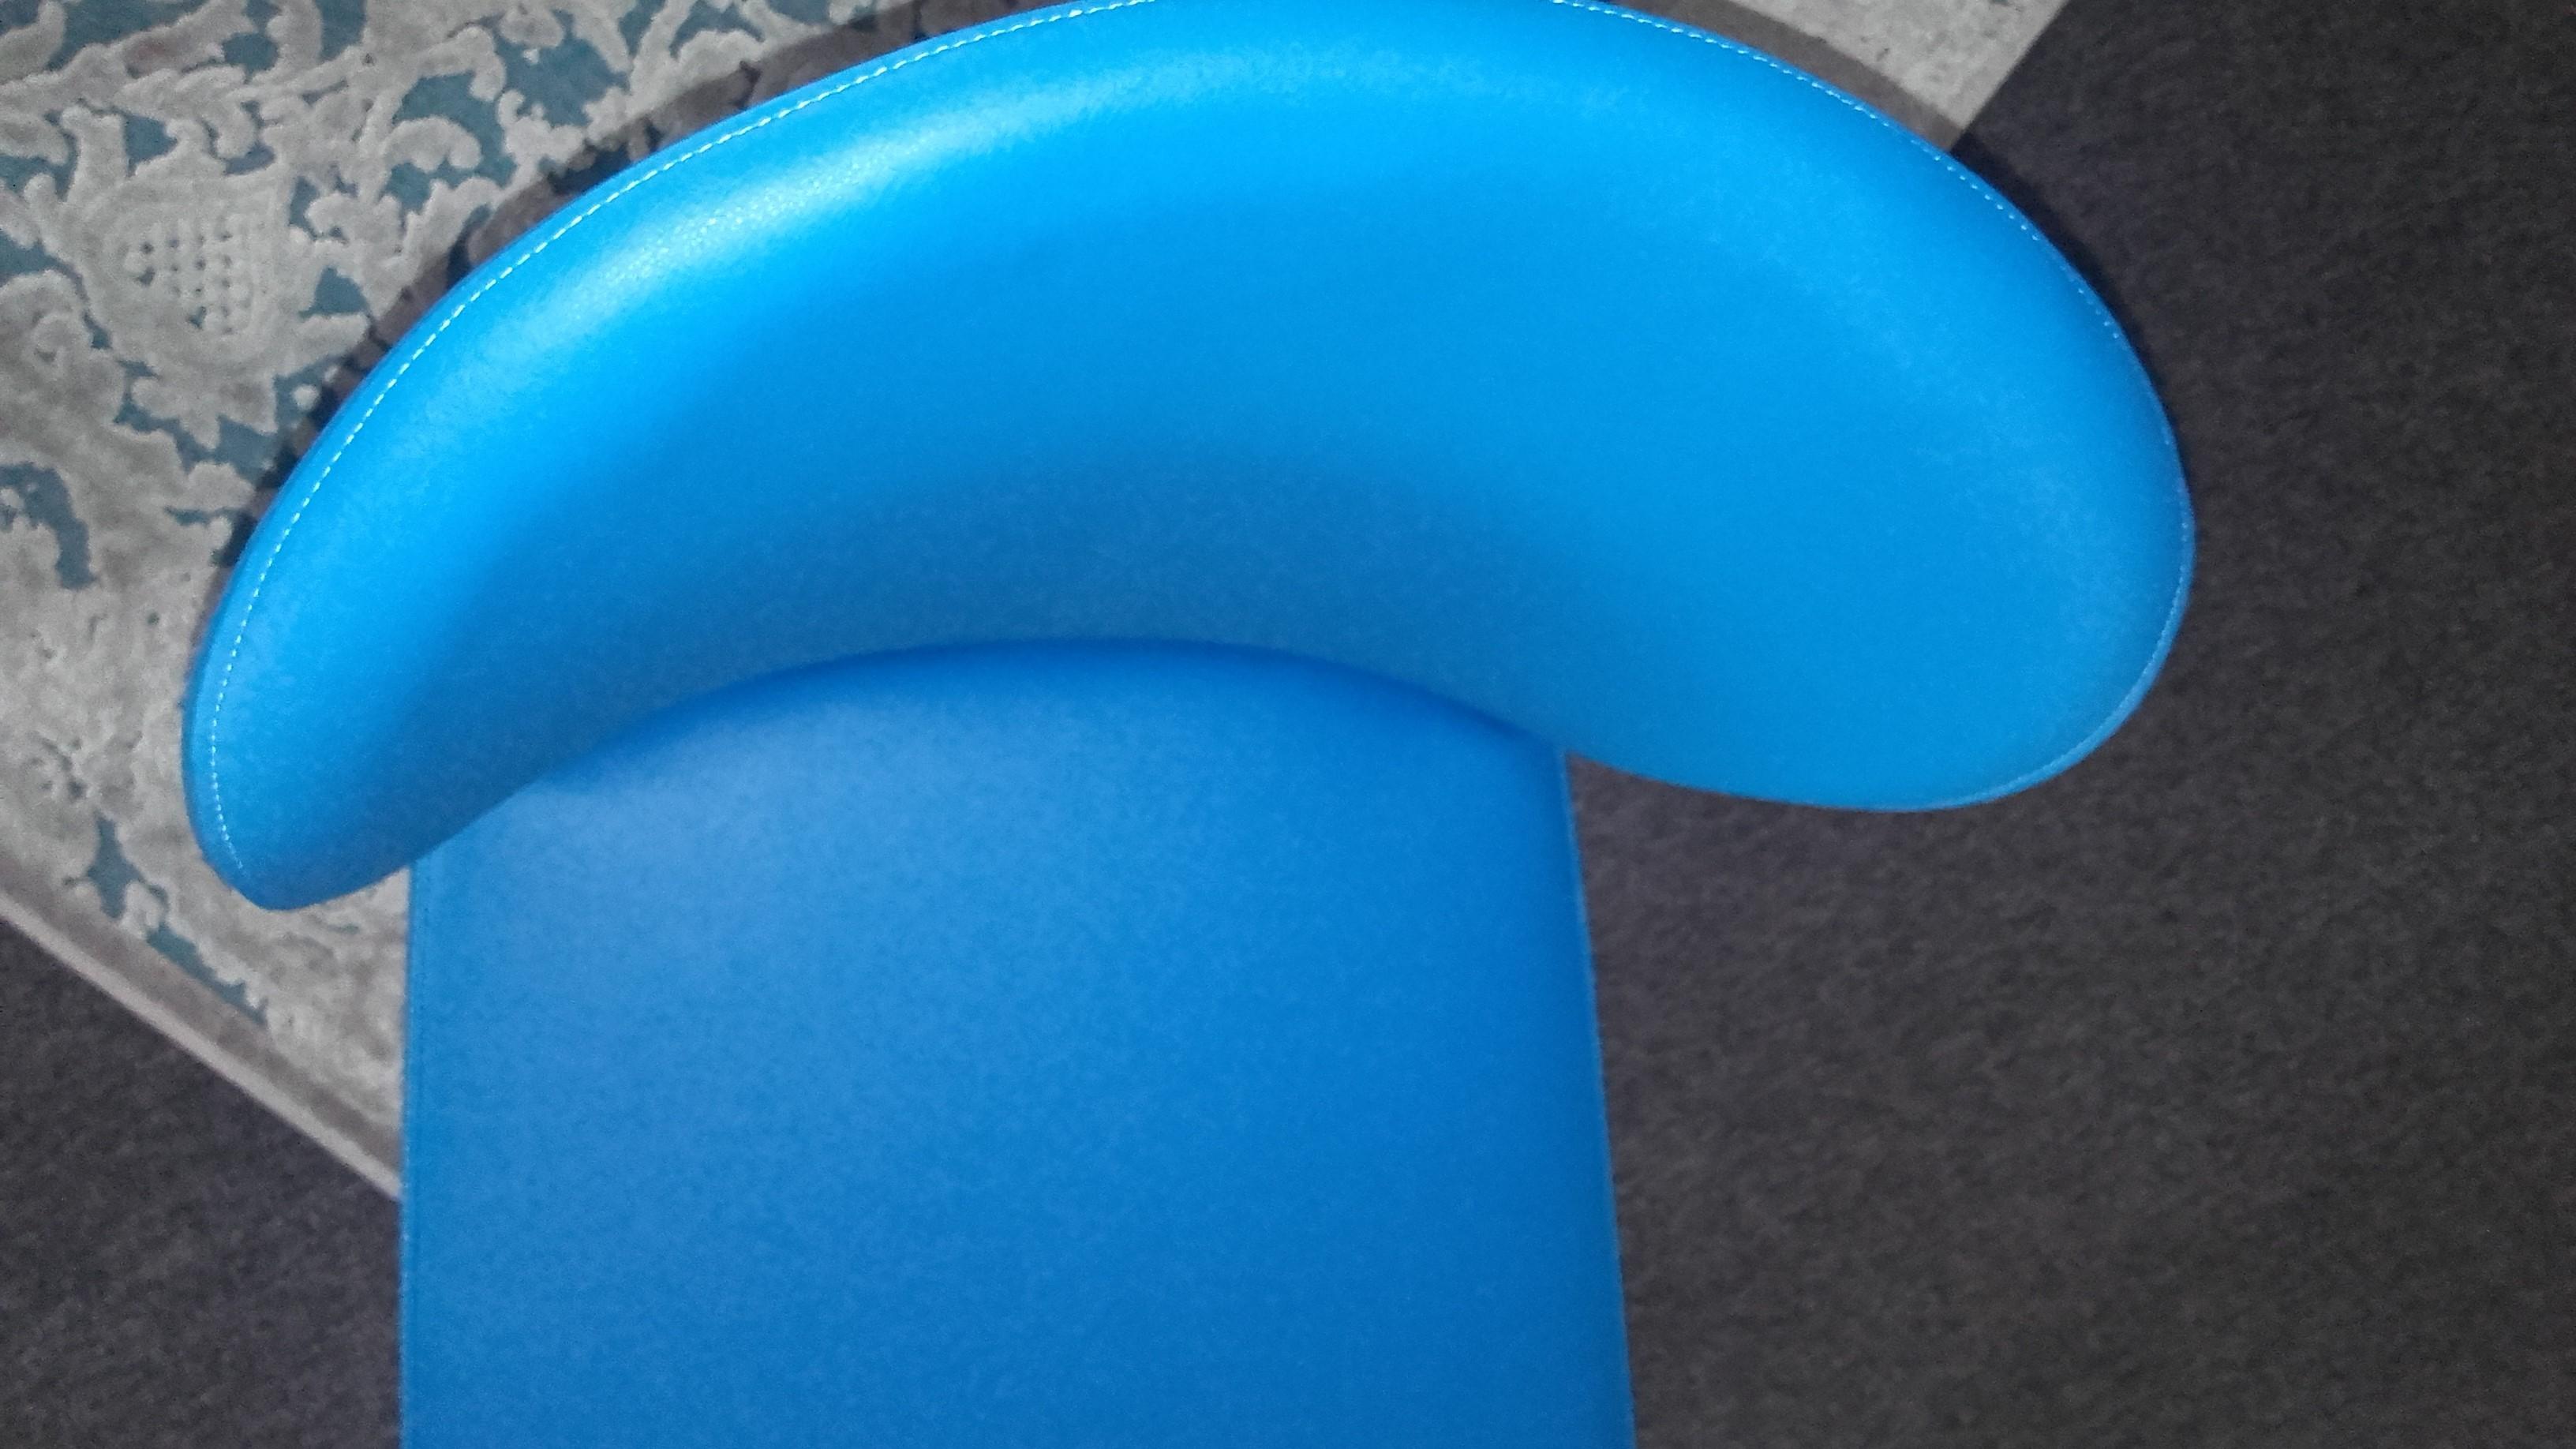 Di lazzaro sedia luise ecopelle moderno senza braccioli sedie a prezzi scontati - Prezzi tavoli di lazzaro ...